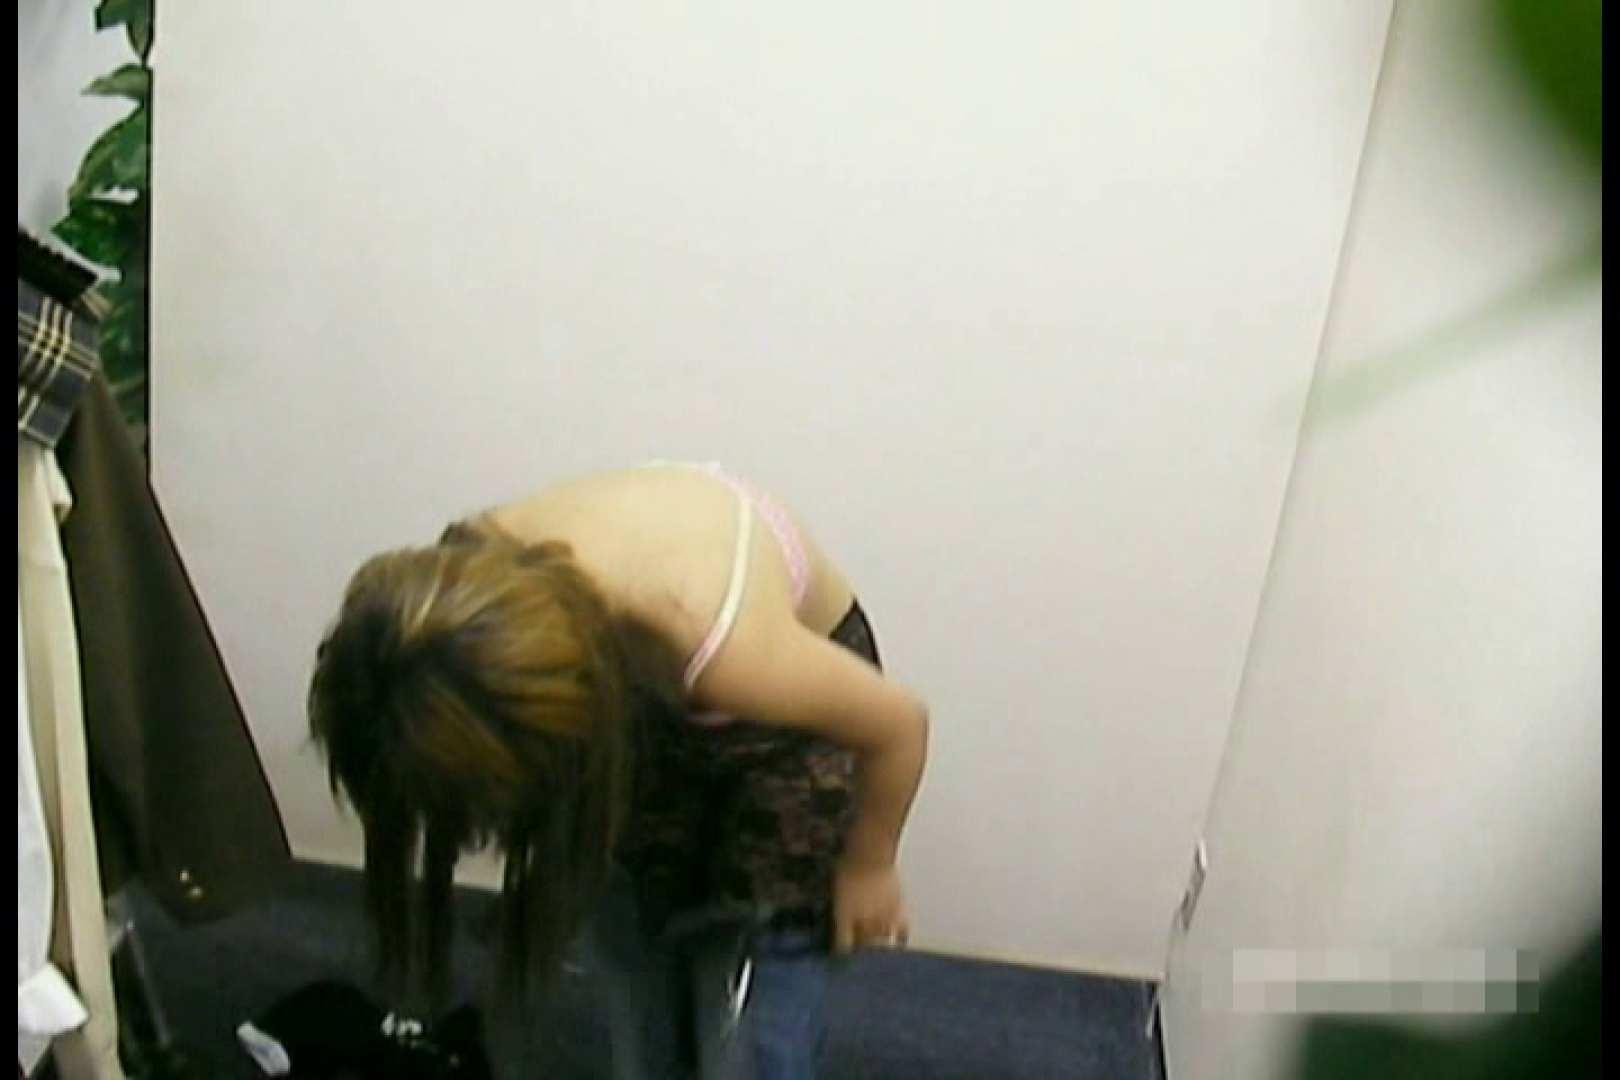 素人撮影 下着だけの撮影のはずが・・・幸子18歳 素人のぞき 盗撮画像 70pic 62